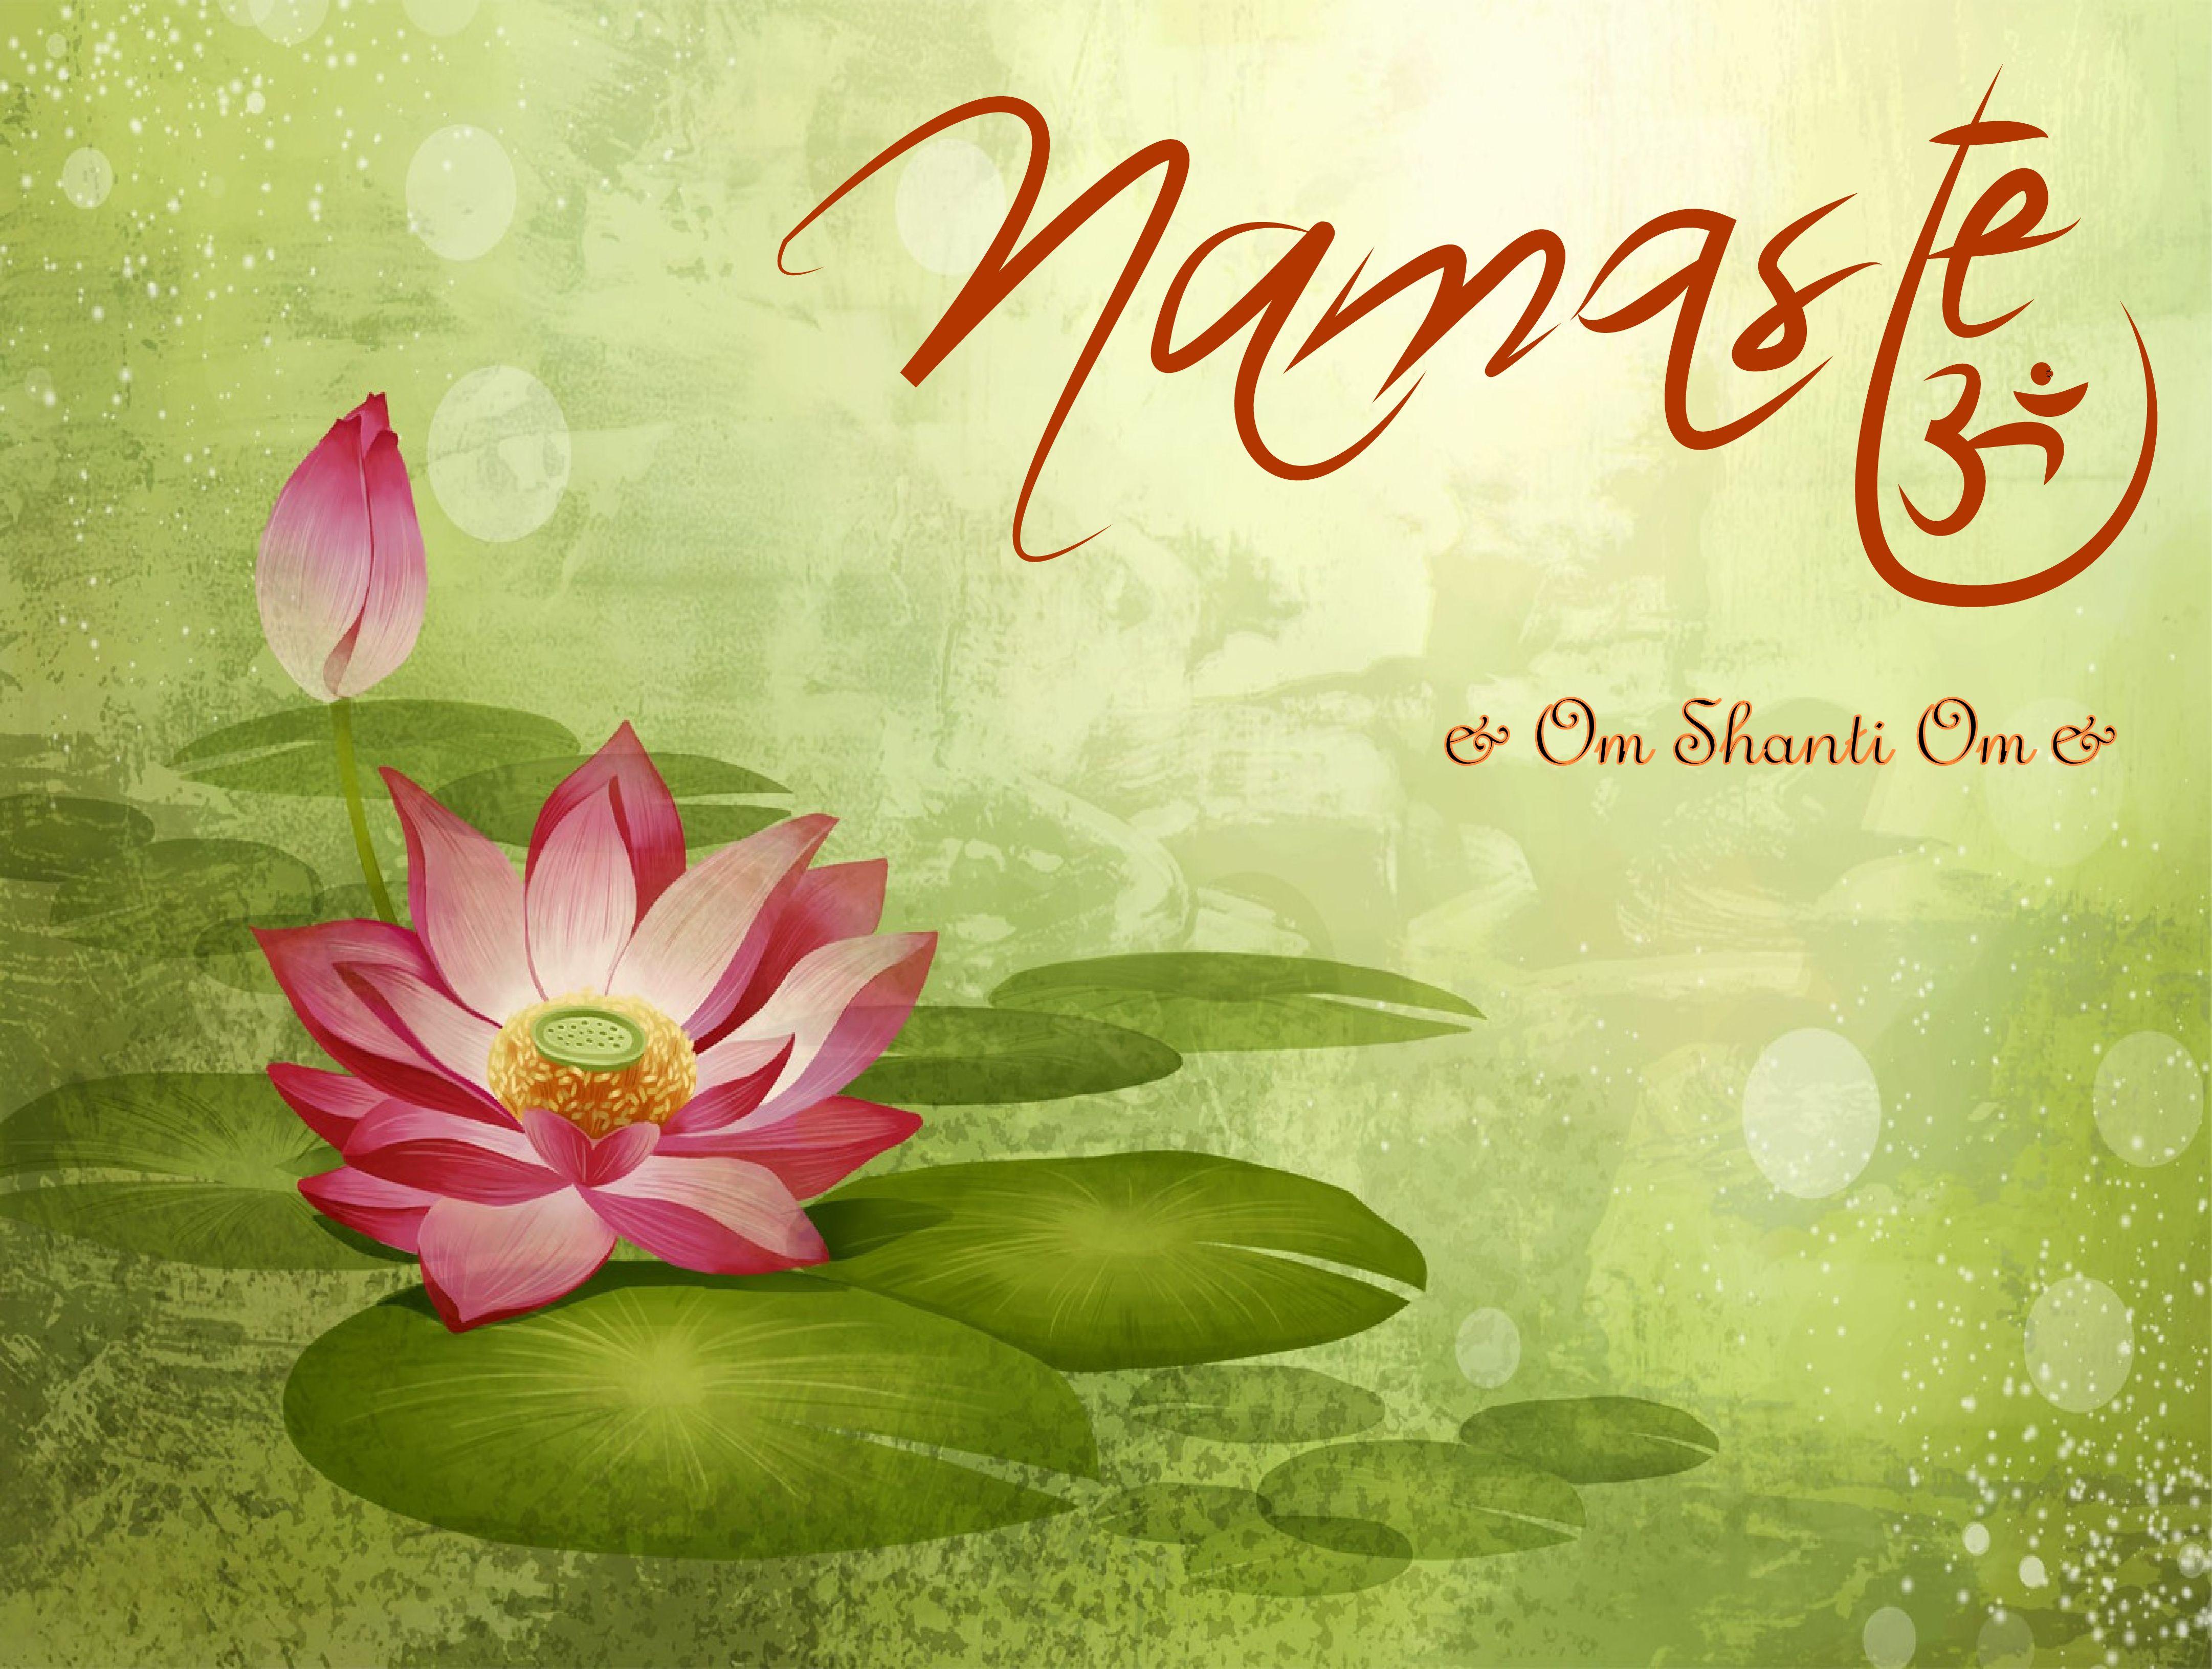 Om Shanti Lotus Flower Images Drawing Wallpaper Lotus